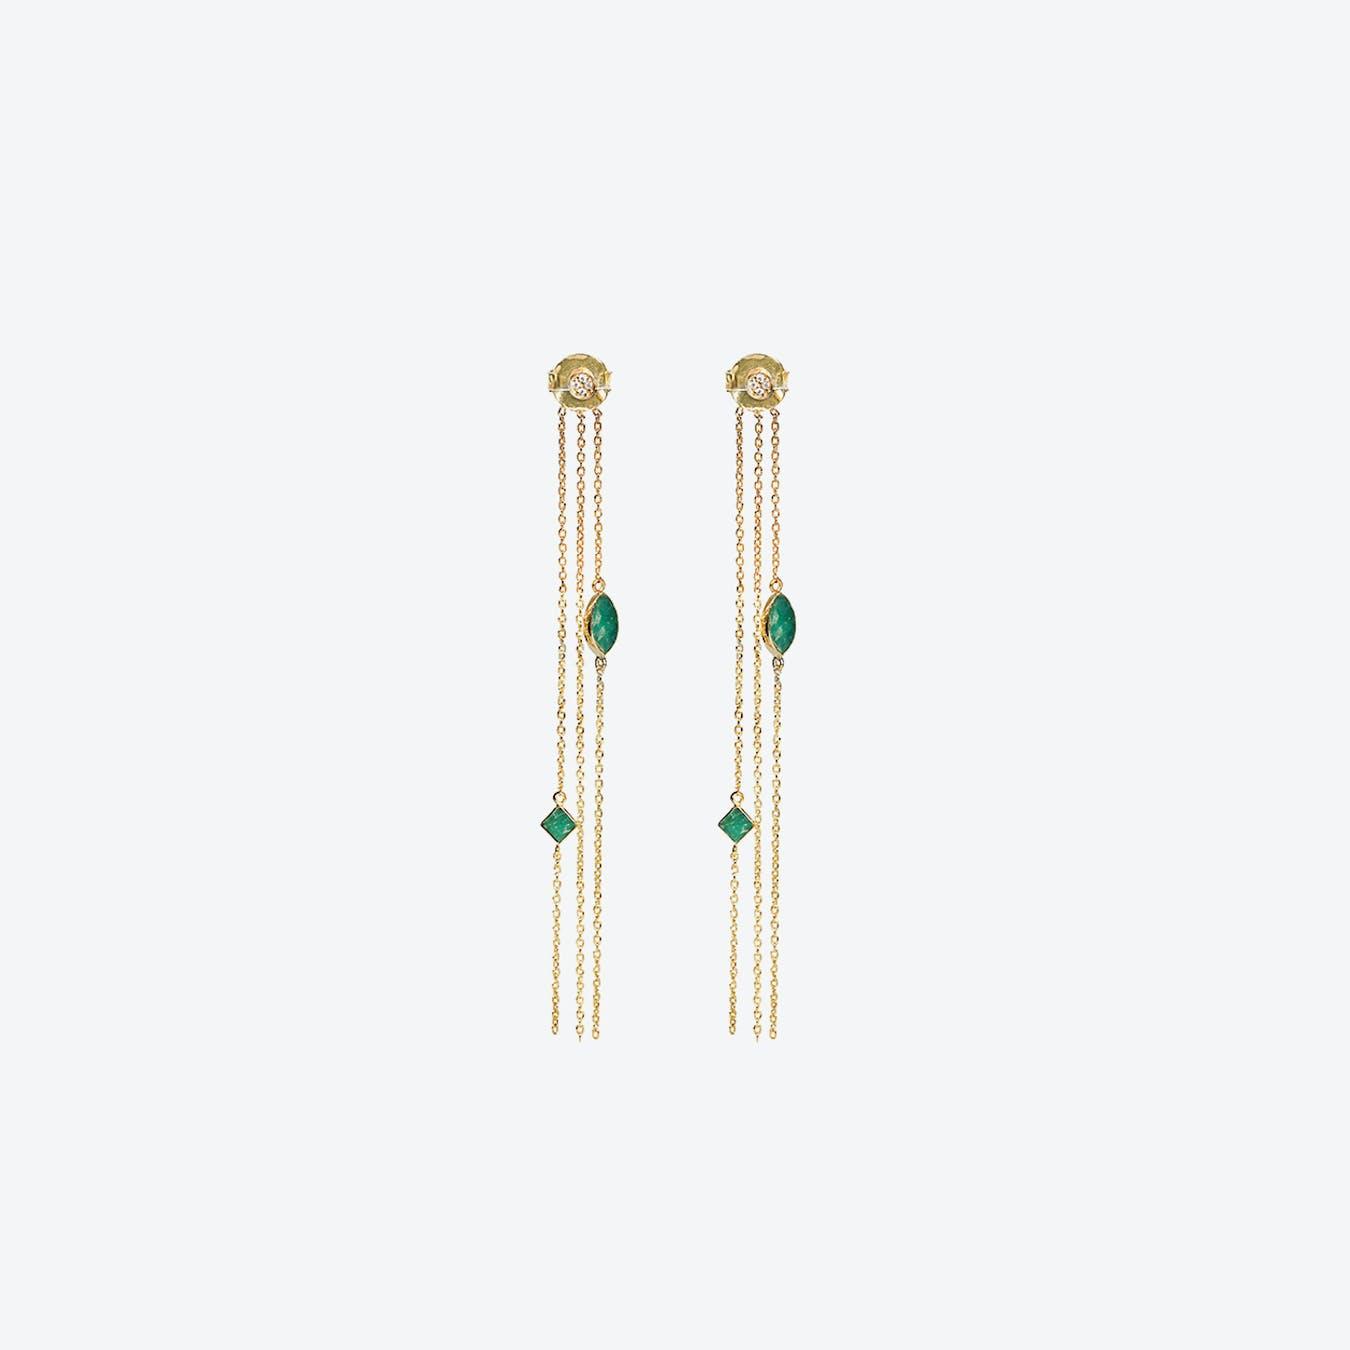 Shayan Earrings - Amazonite